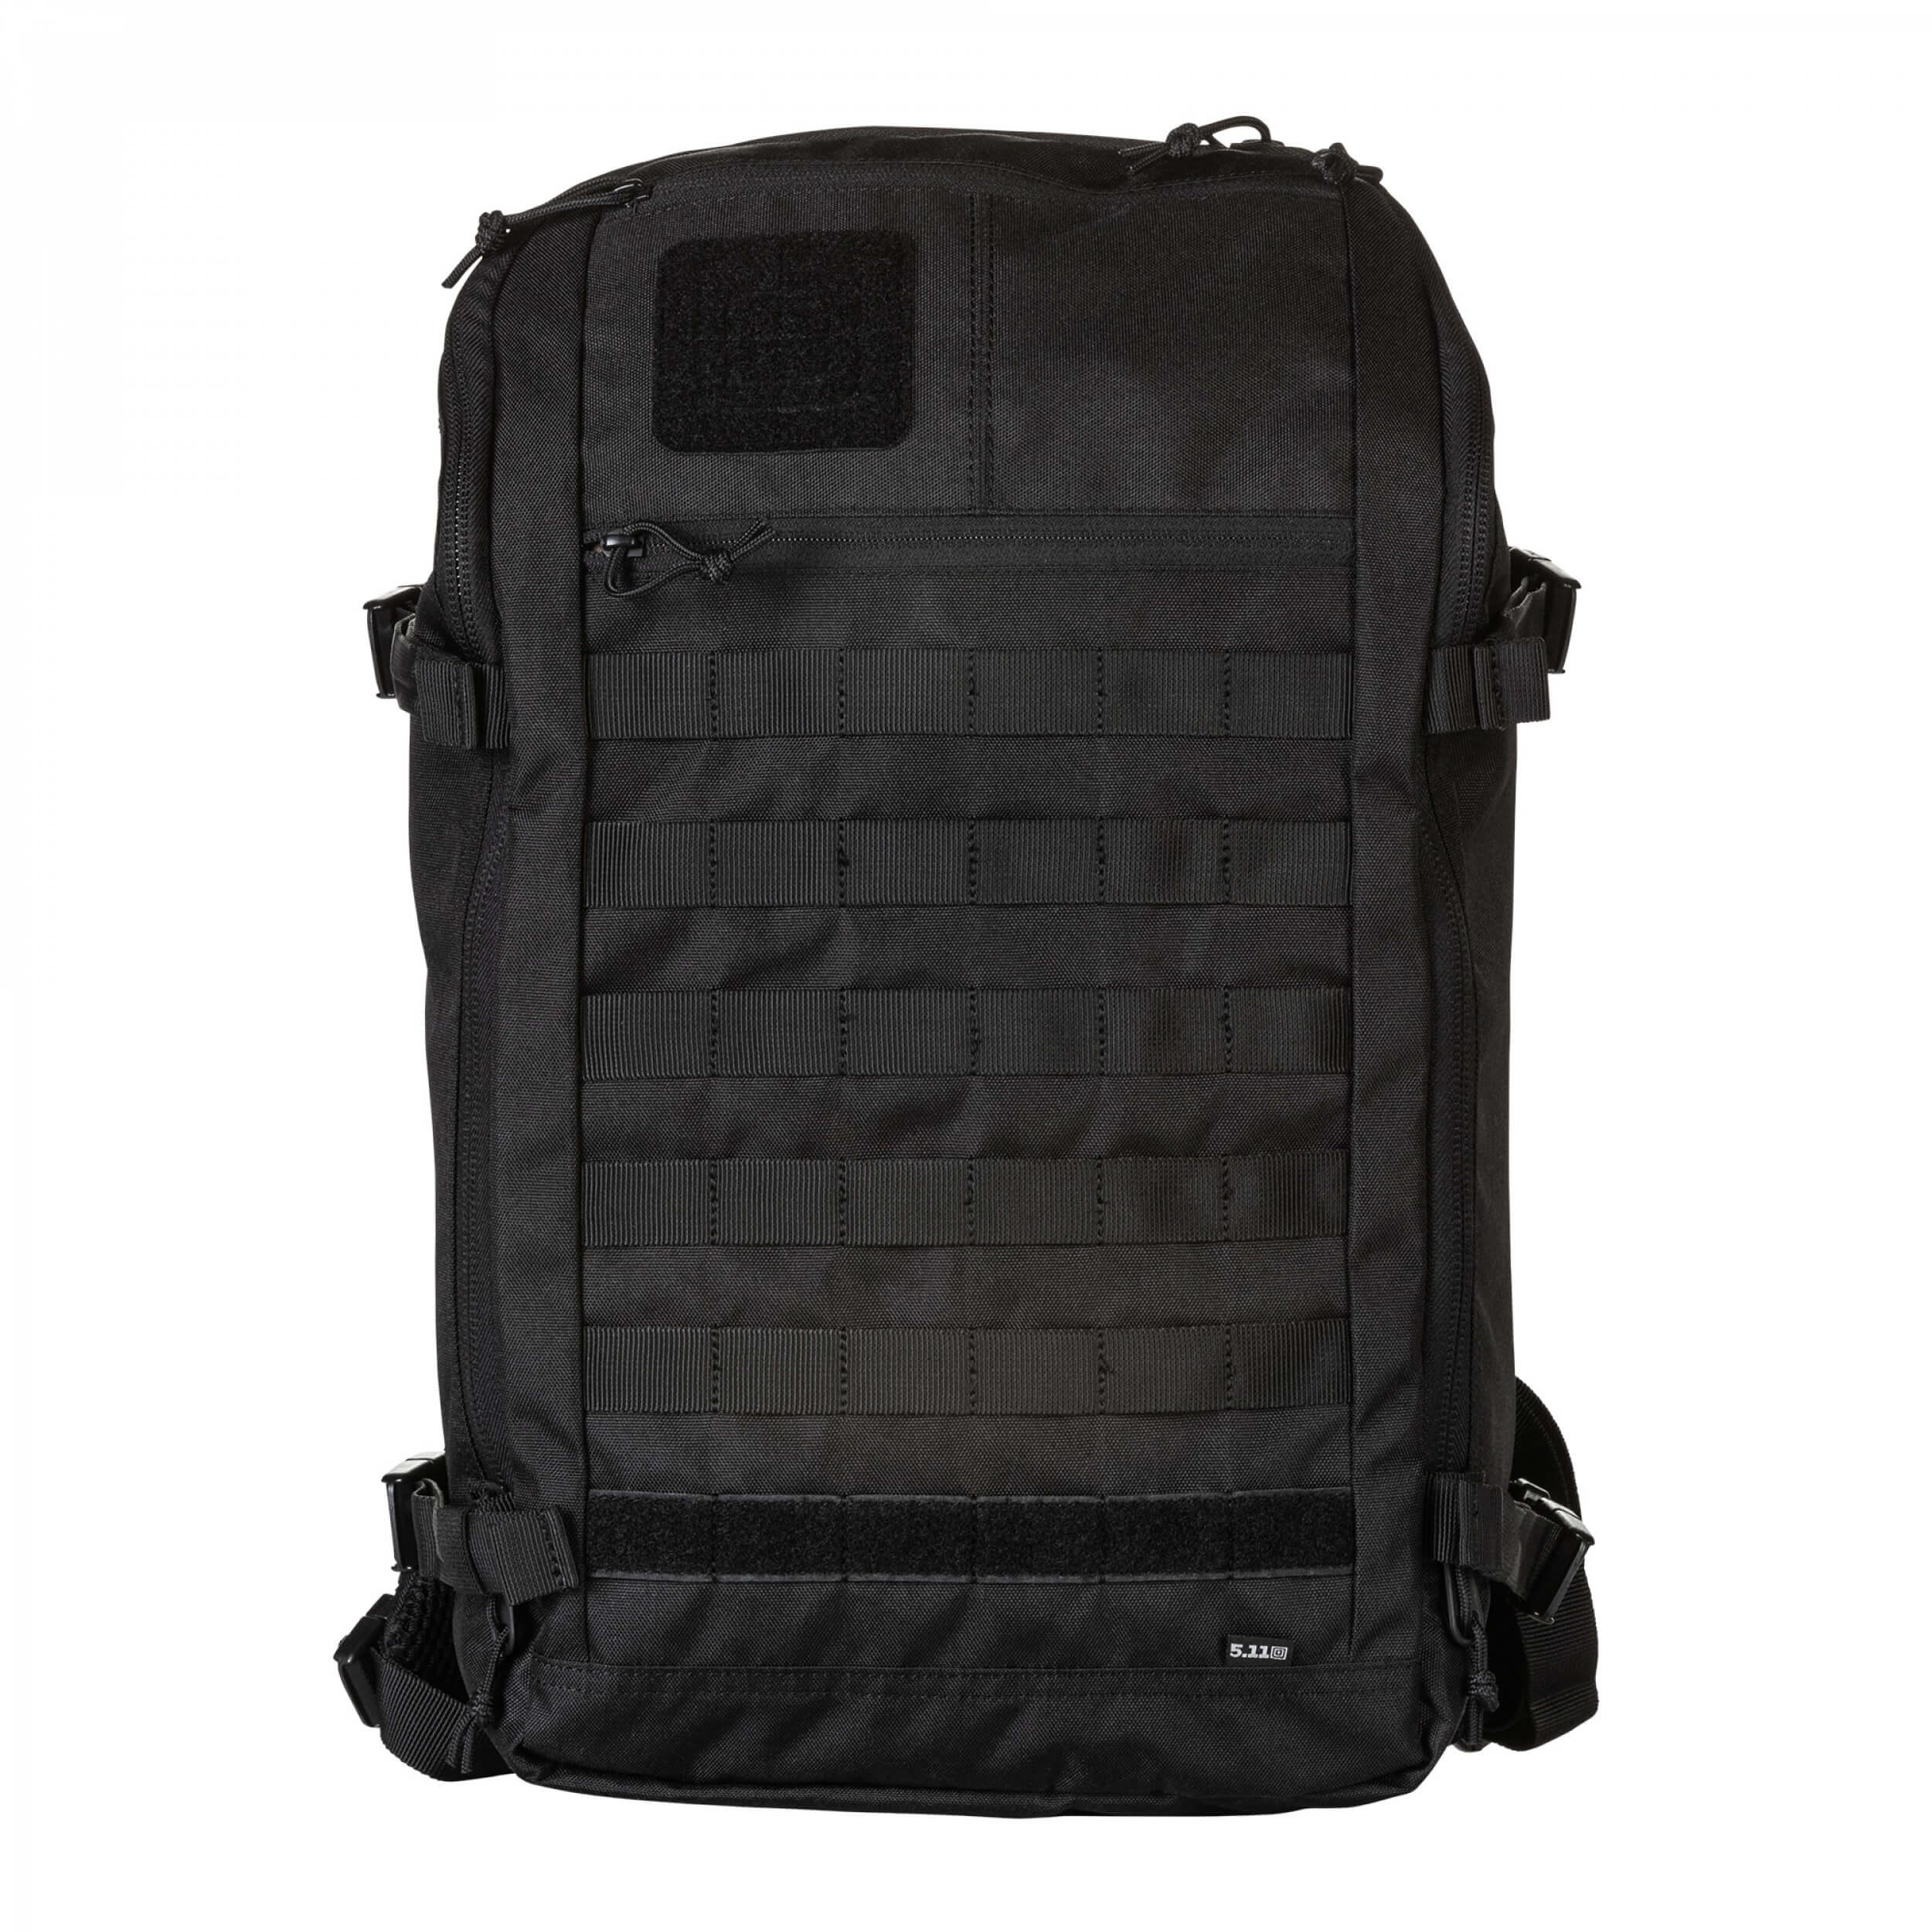 5.11 Tactical Rapid Quad Zip Pack 27L Backpack TRUE BLACK (264) (gb)